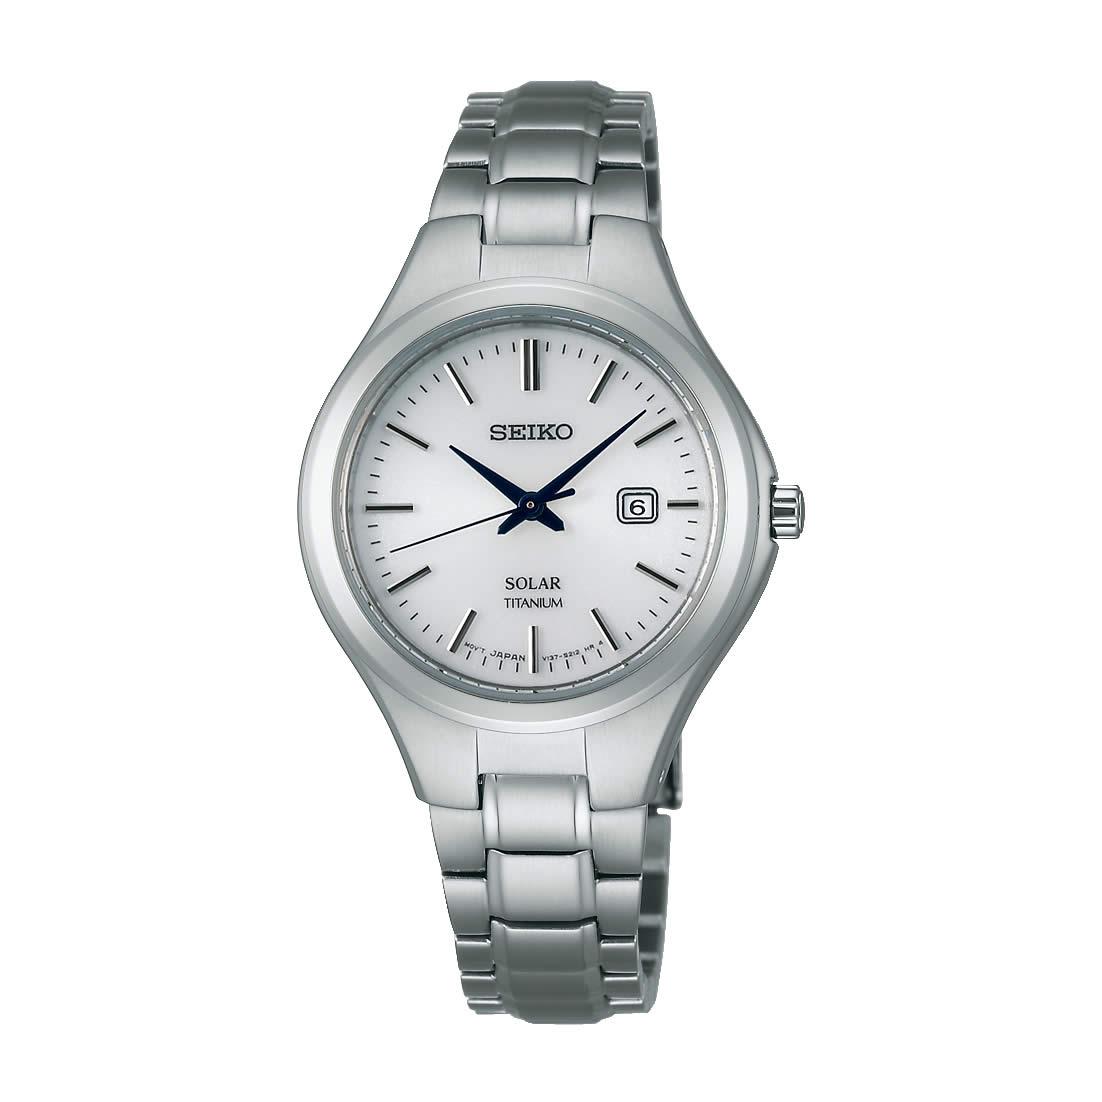 【送料無料】【国内正規品】セイコー スピリット SEIKO SPIRIT 腕時計 ソーラー チタン レディース STPX023 100M 10気圧防水 ビジネス シンプル ソーラー腕時計 ペアウォッチ 金属アレルギー対応 うでどけい とけい WATCH 時計【取り寄せ】